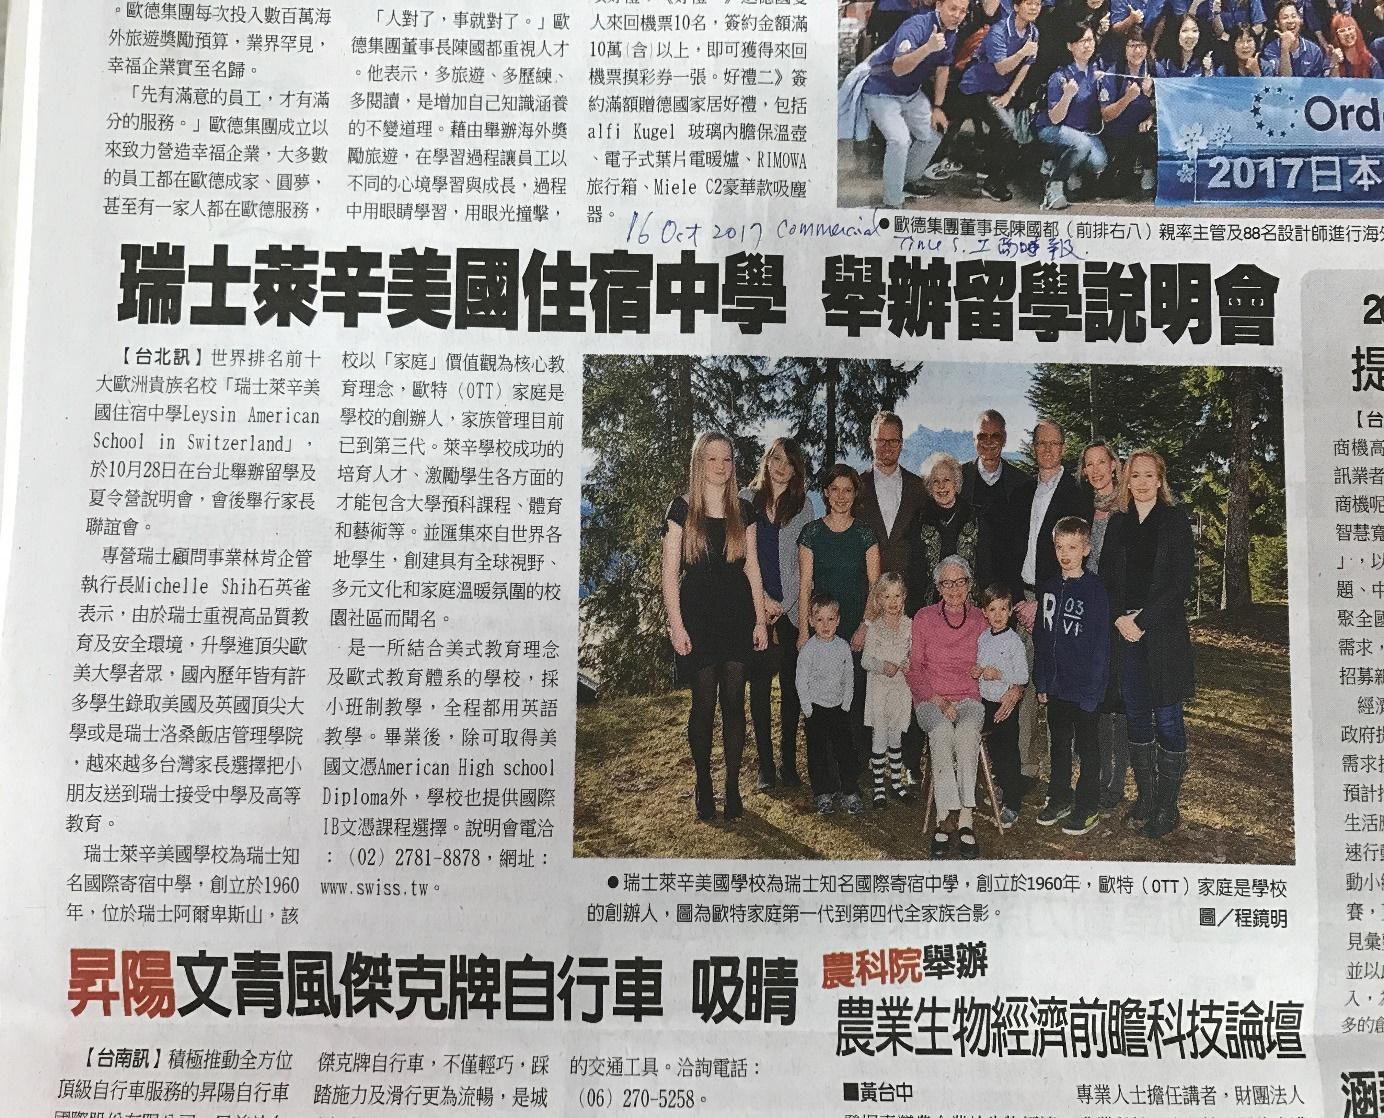 2017 10 13 (工商時報) 瑞士萊辛美國住宿中學 (LAS) 1028在台北舉辦留學及夏令營說明會-2